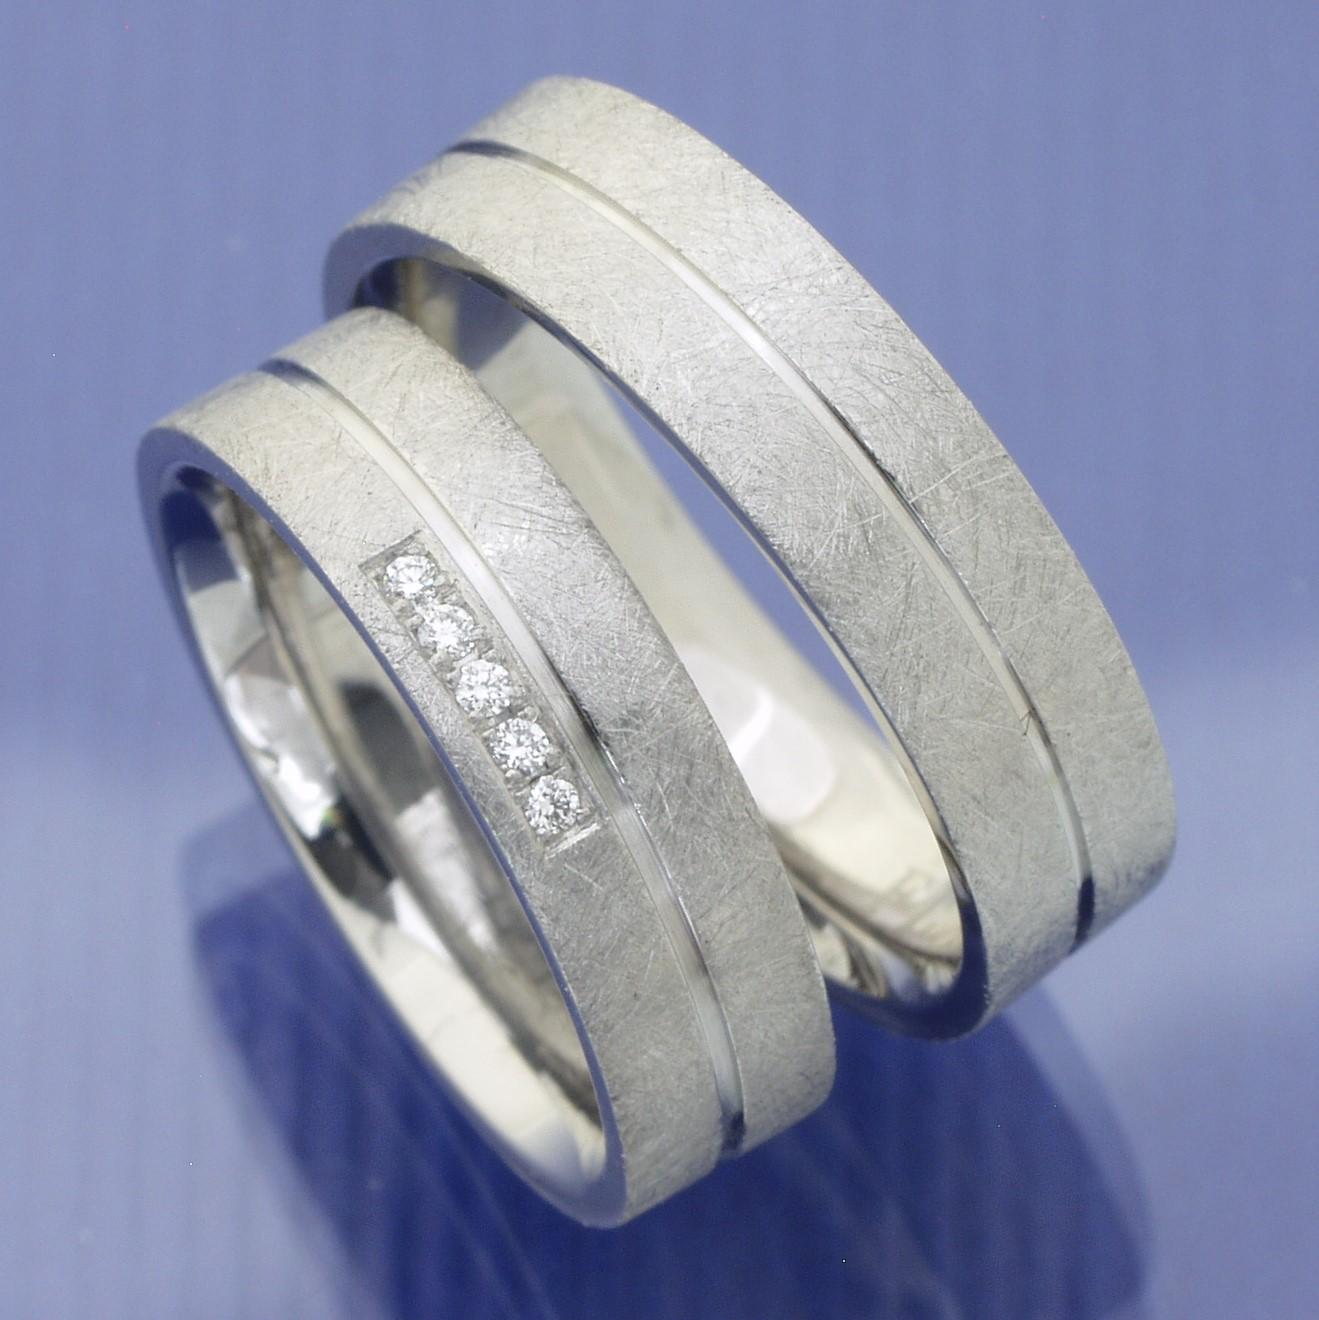 EheringeShop  Verlobungsringe  Partnerringe aus Edelstahl mit Brillanten P3154468